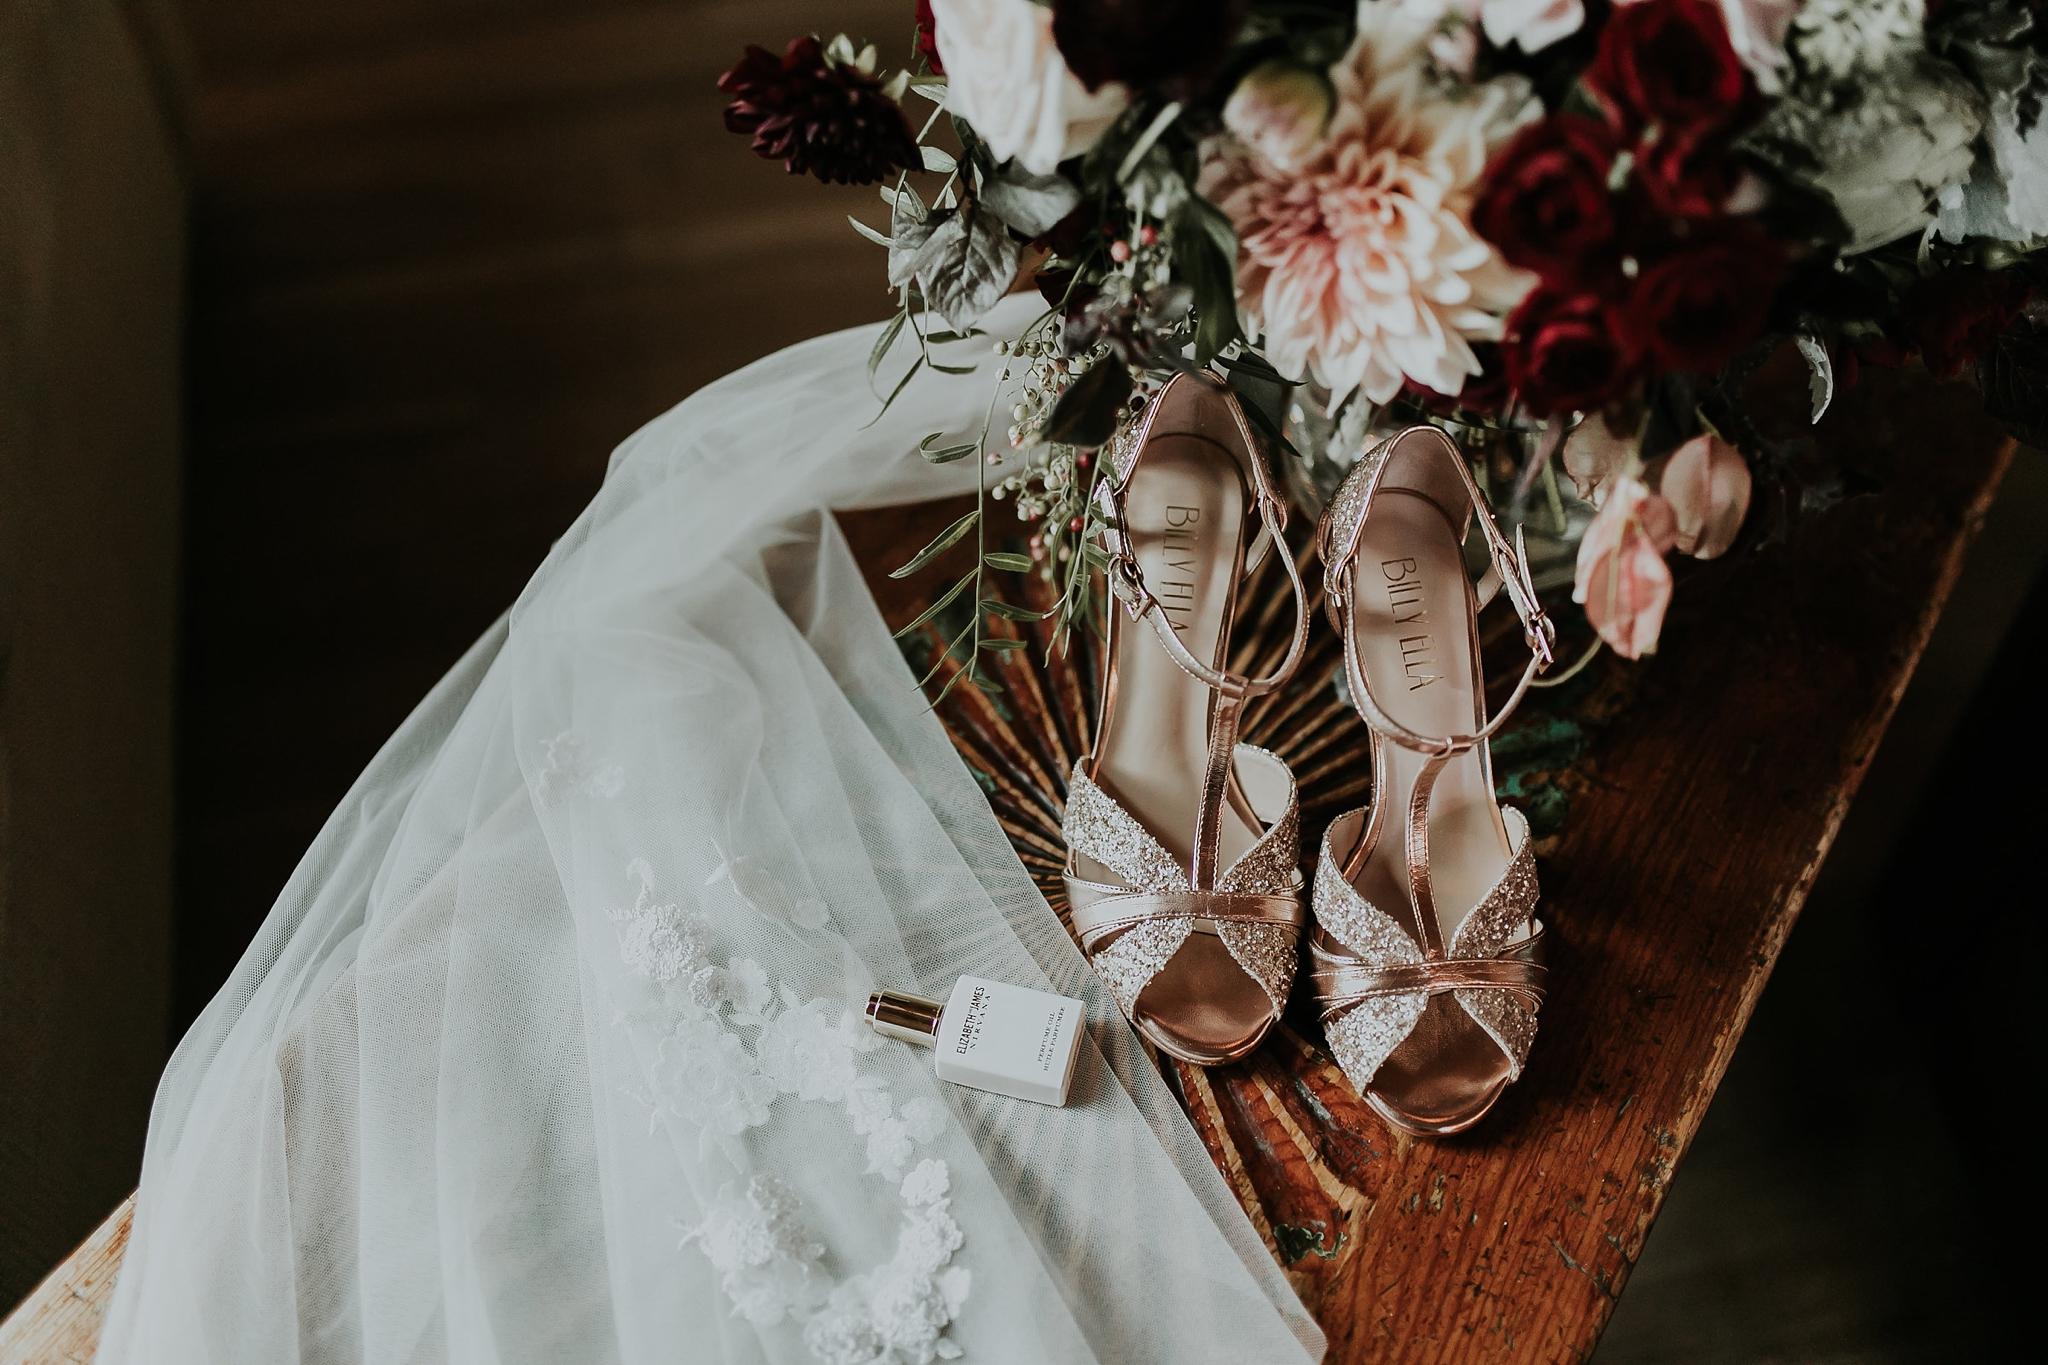 Alicia+lucia+photography+-+albuquerque+wedding+photographer+-+santa+fe+wedding+photography+-+new+mexico+wedding+photographer+-+new+mexico+wedding+-+new+mexico+florist+-+floriography+flowers+-+floriography+flowers+new+mexico+-+wedding+florist_0085.jpg